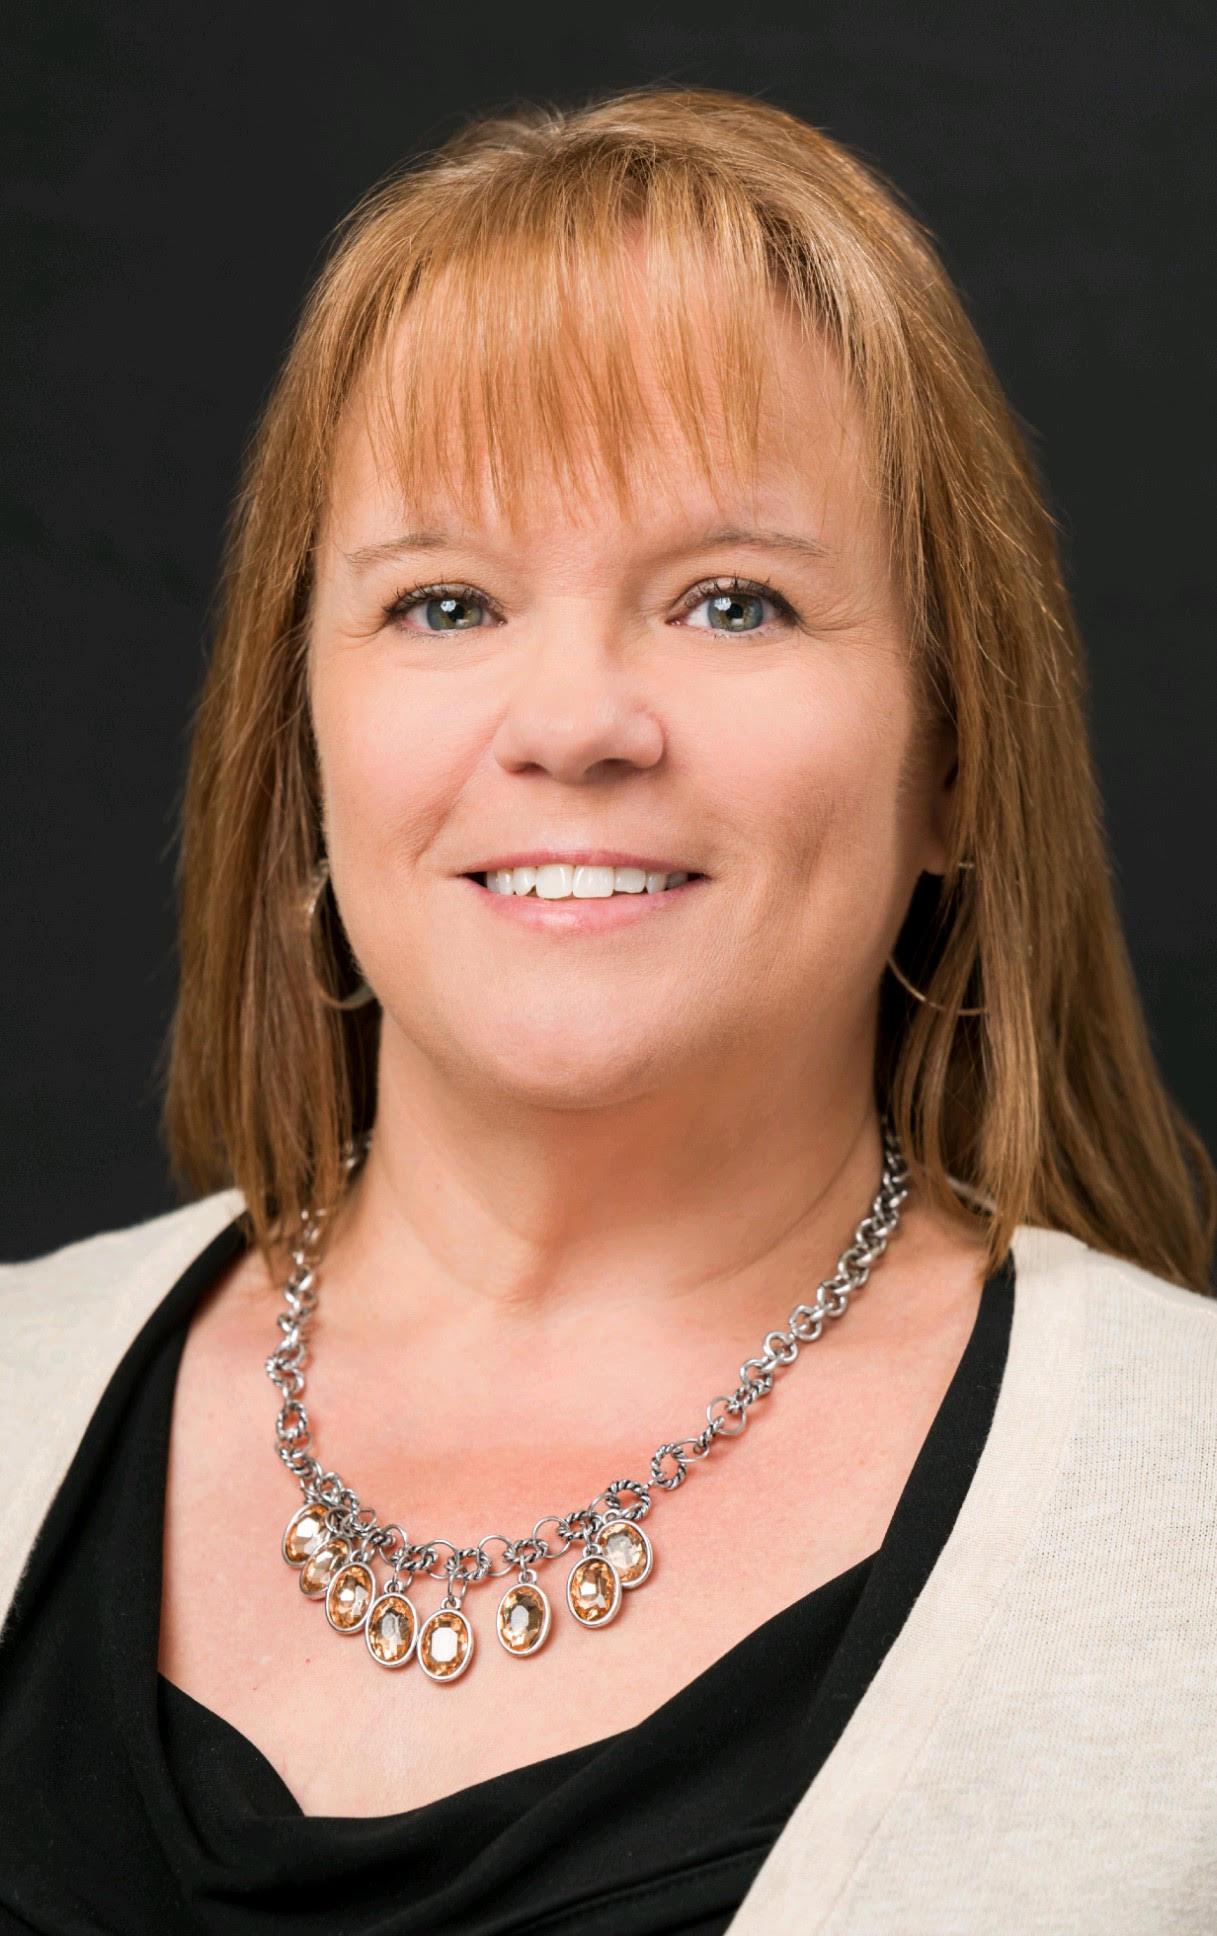 Lisa Tunget